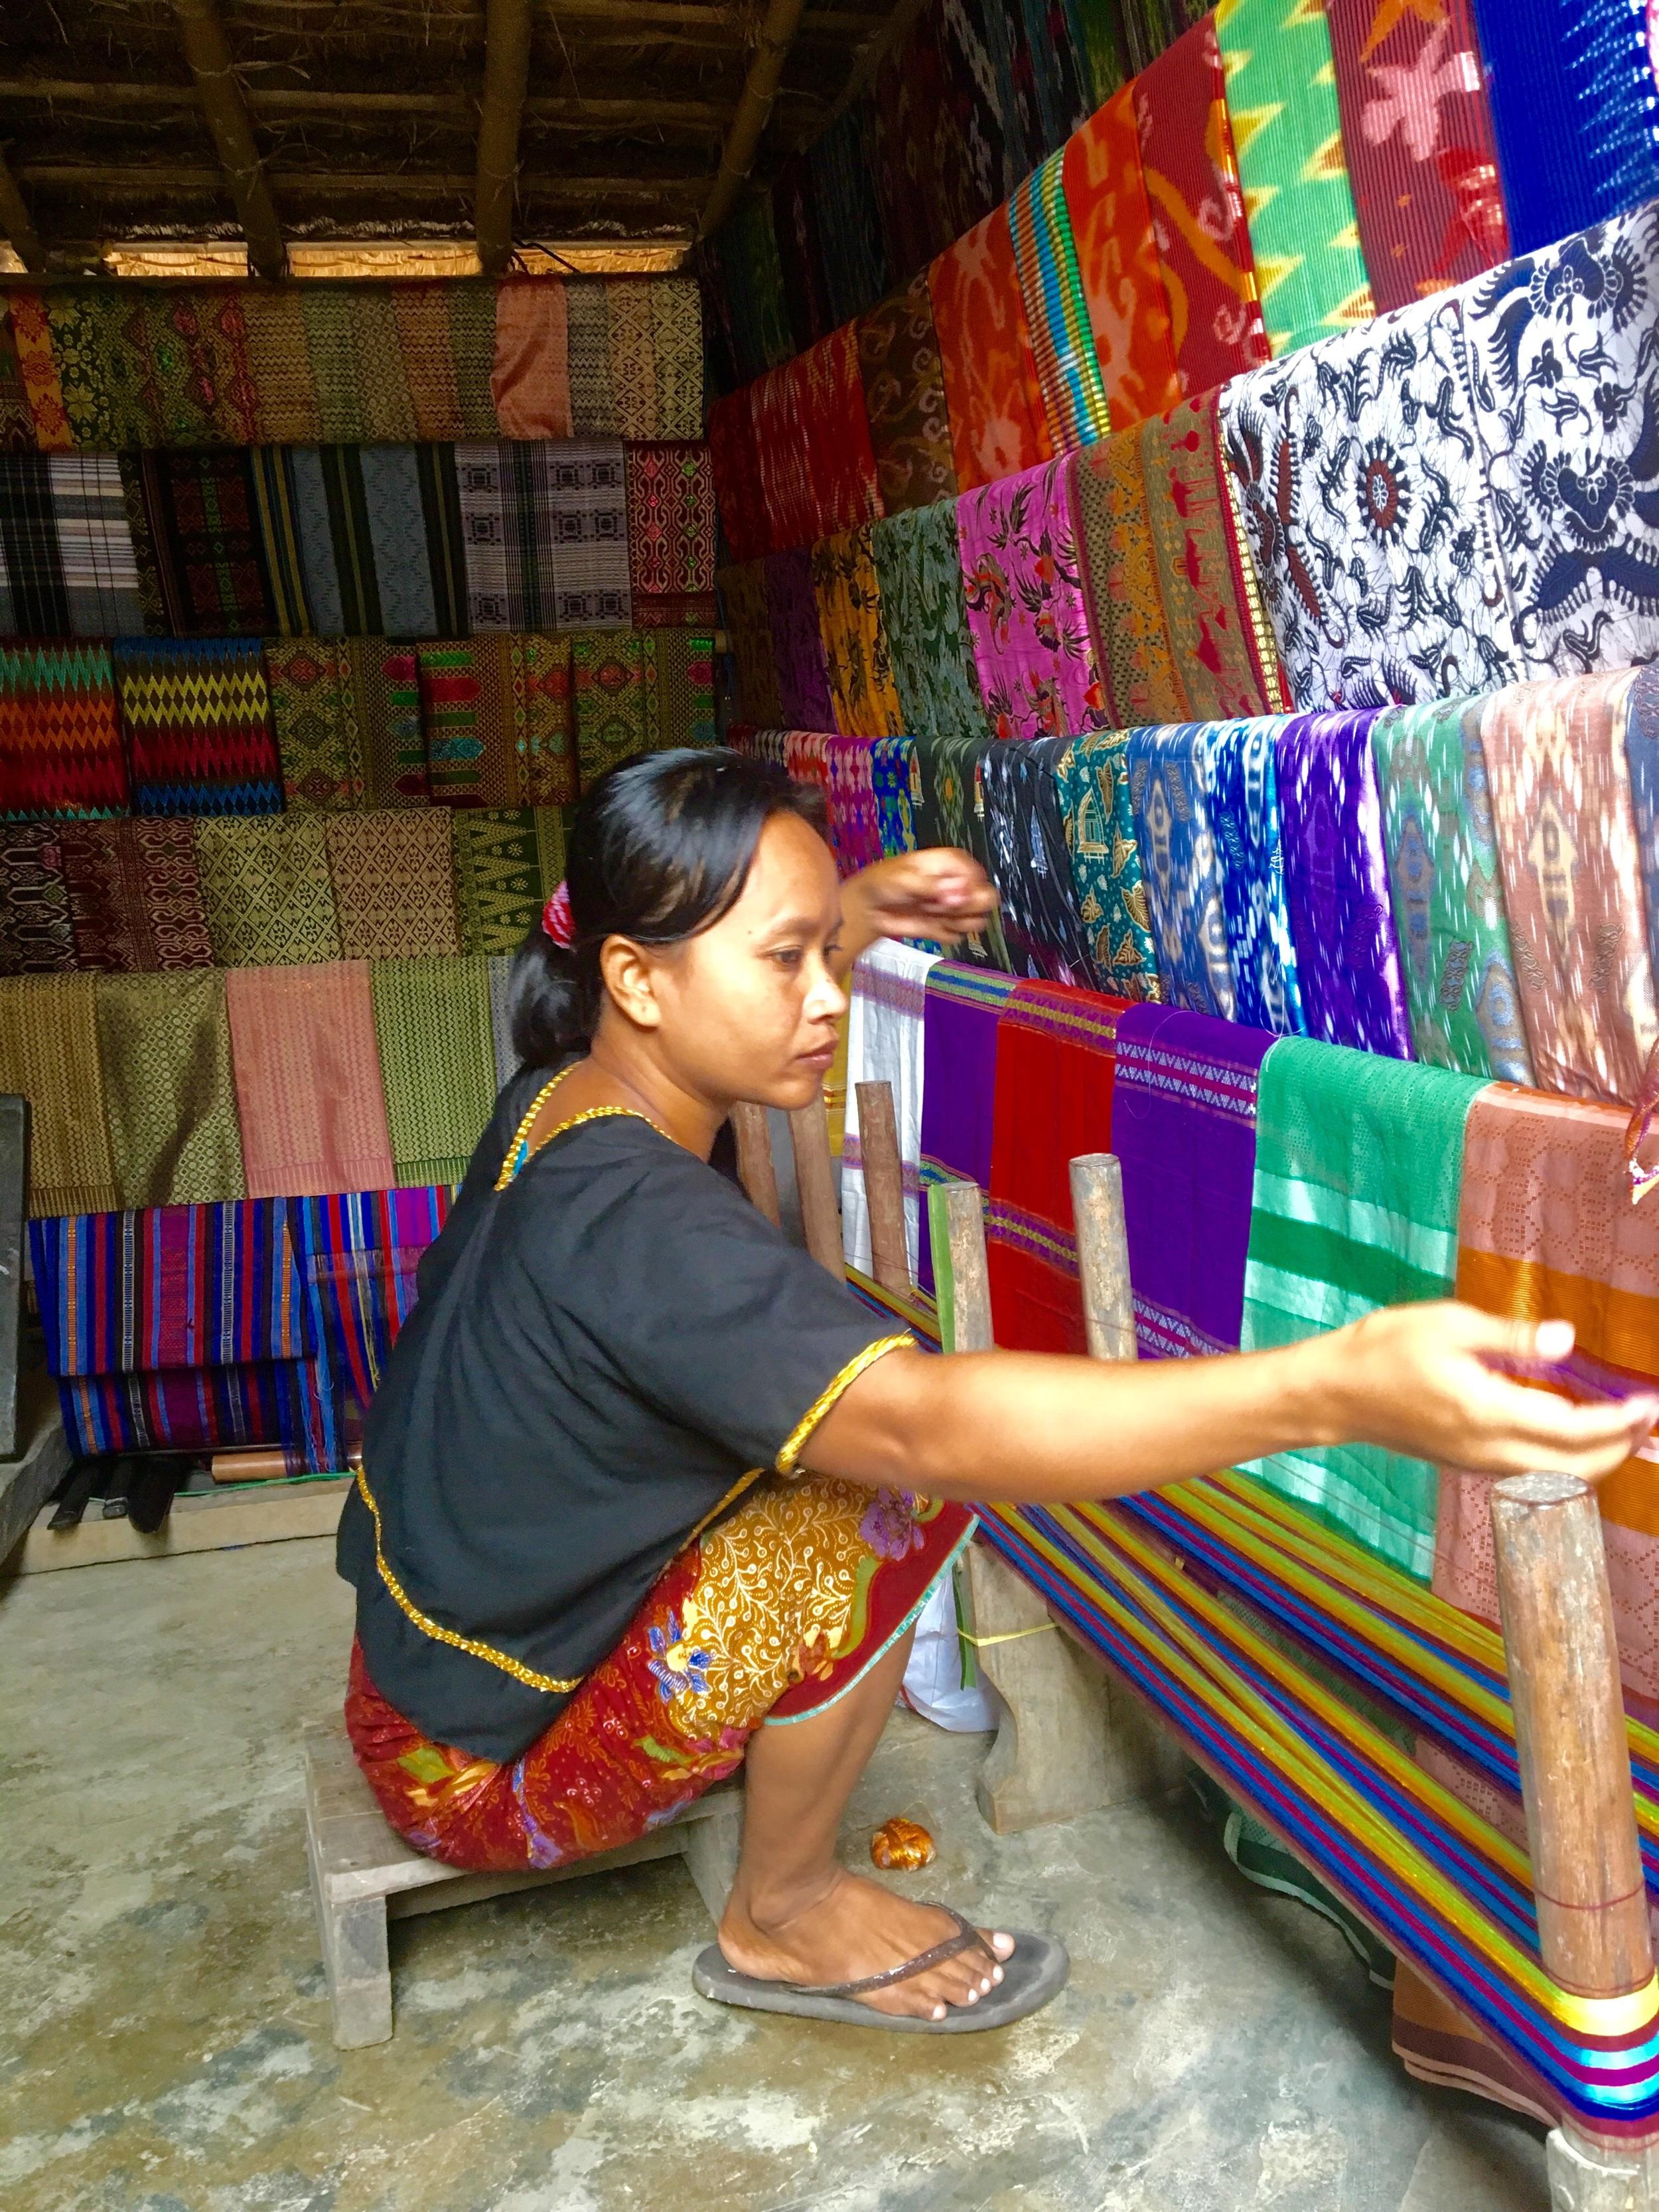 Handmade sarongs